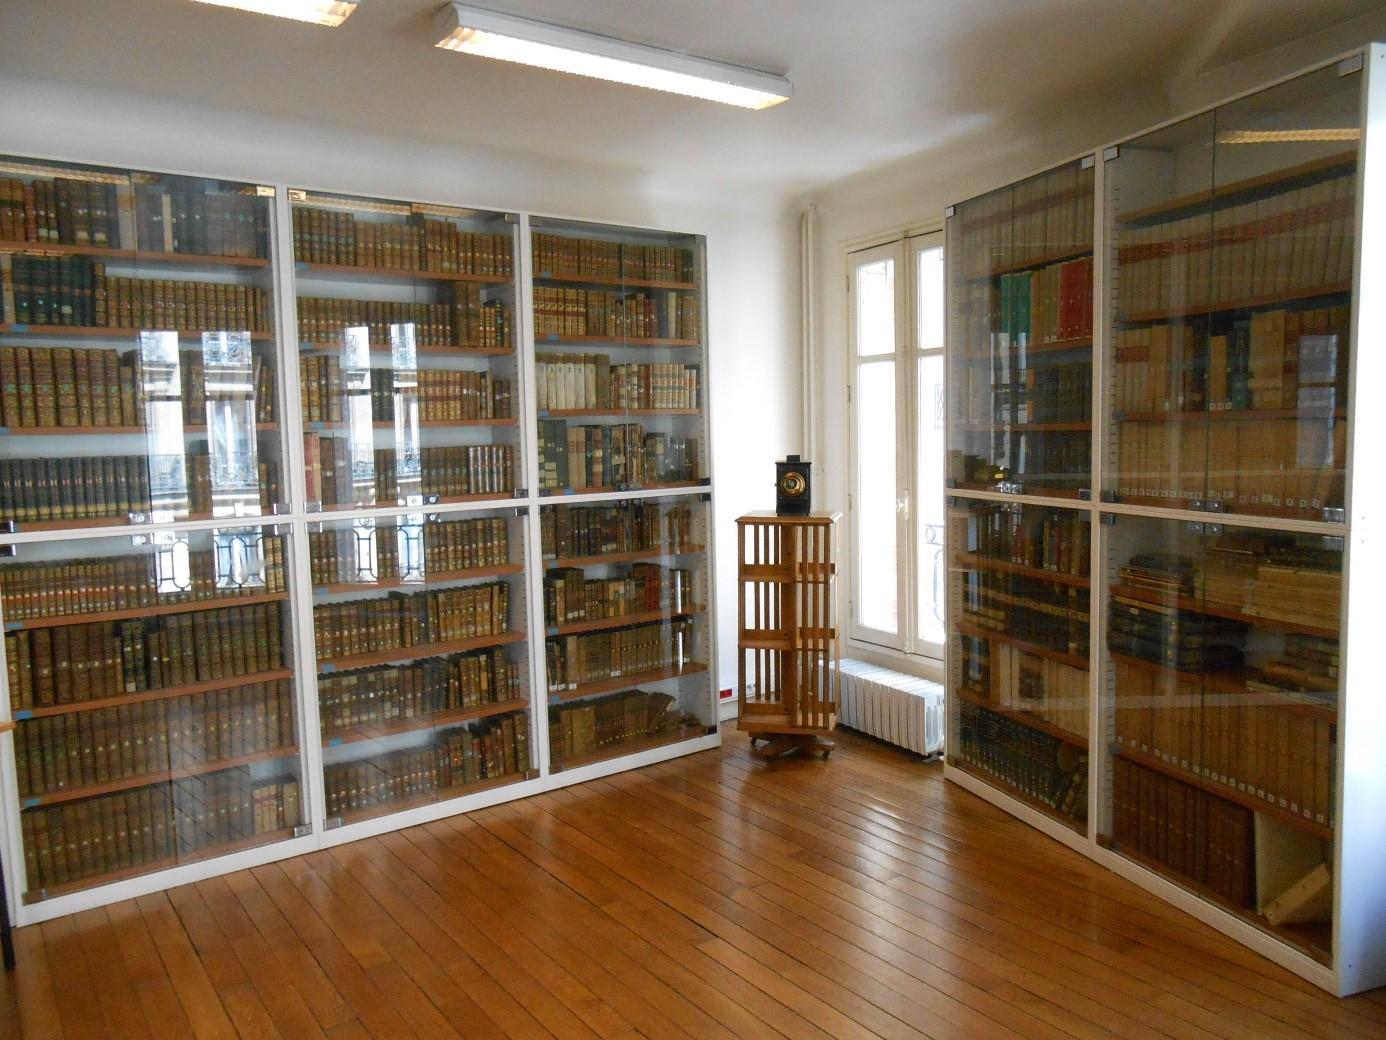 Fonds ancien de la bibliothèque